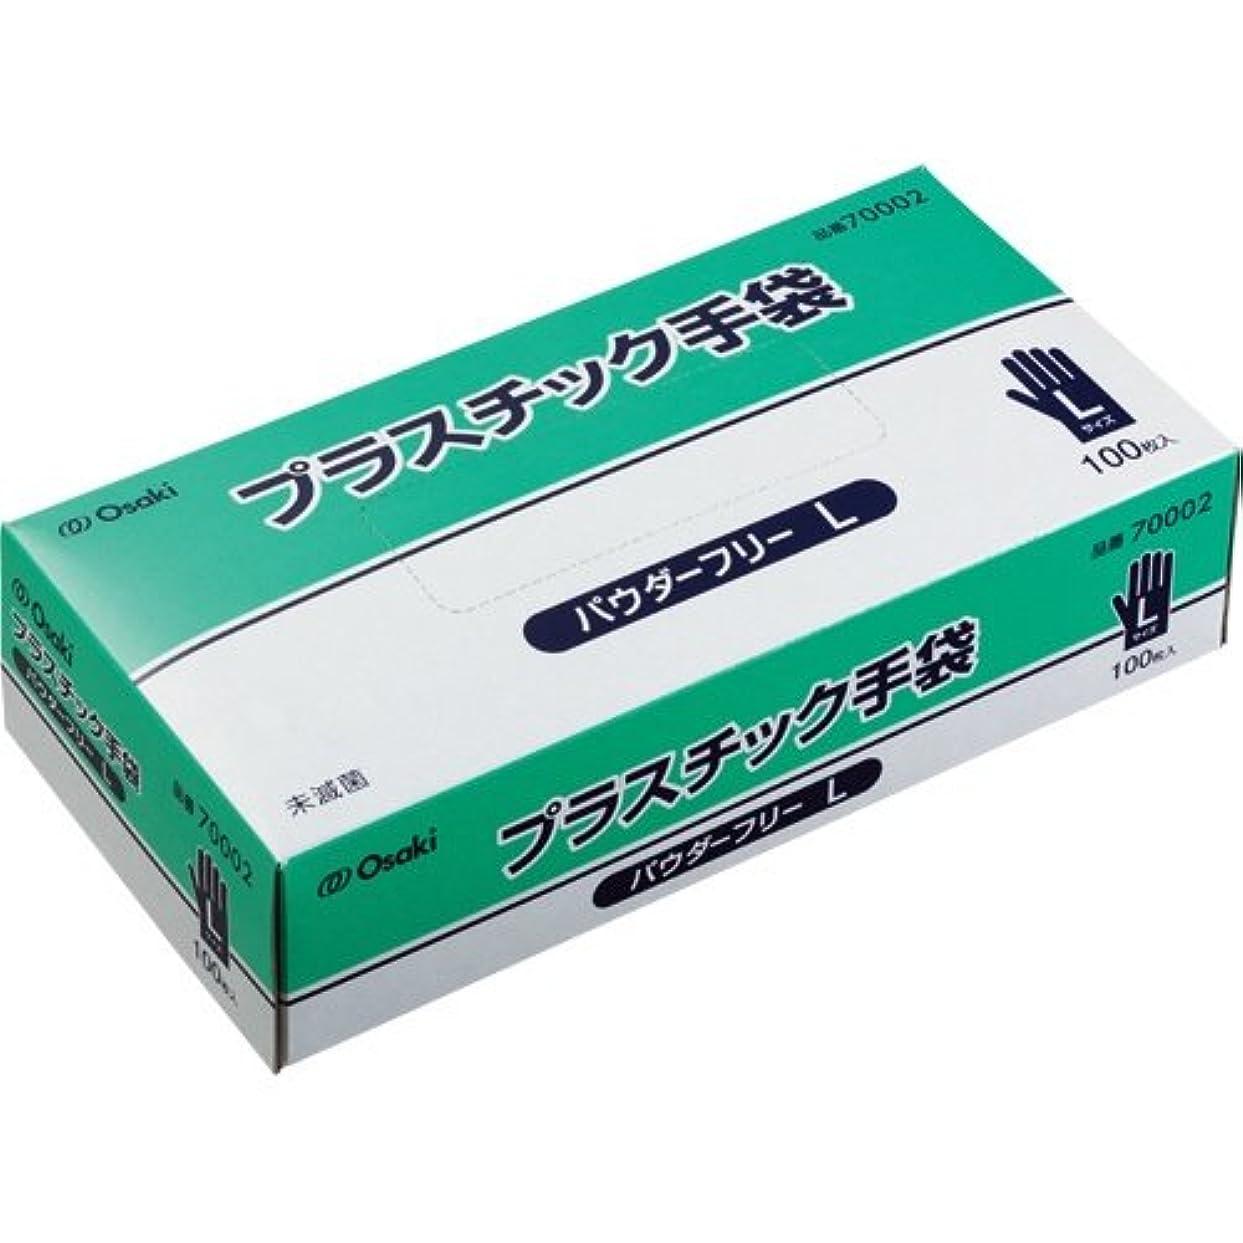 オオサキメディカル オオサキプラスチック手袋 パウダーフリー L 70002 1セット(2000枚:100枚×20箱)